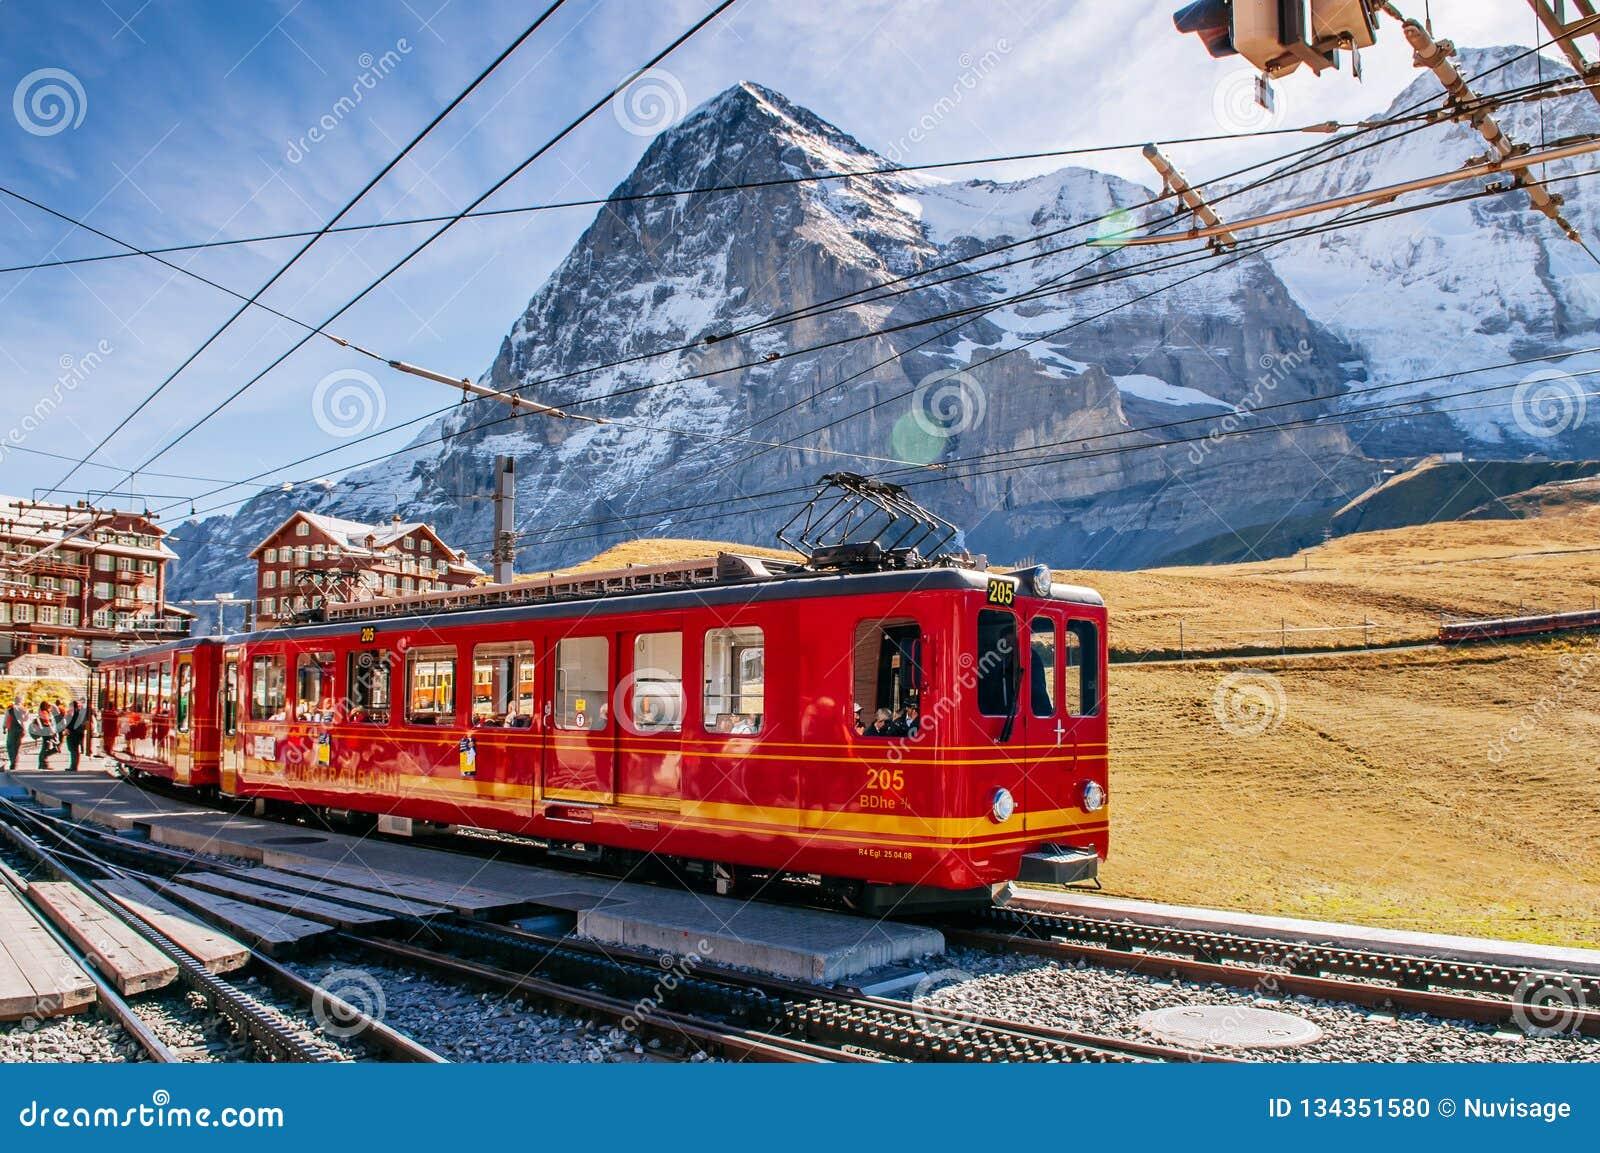 Jungfrau railway train at Kleine Scheidegg station with Eiger and Monch peak